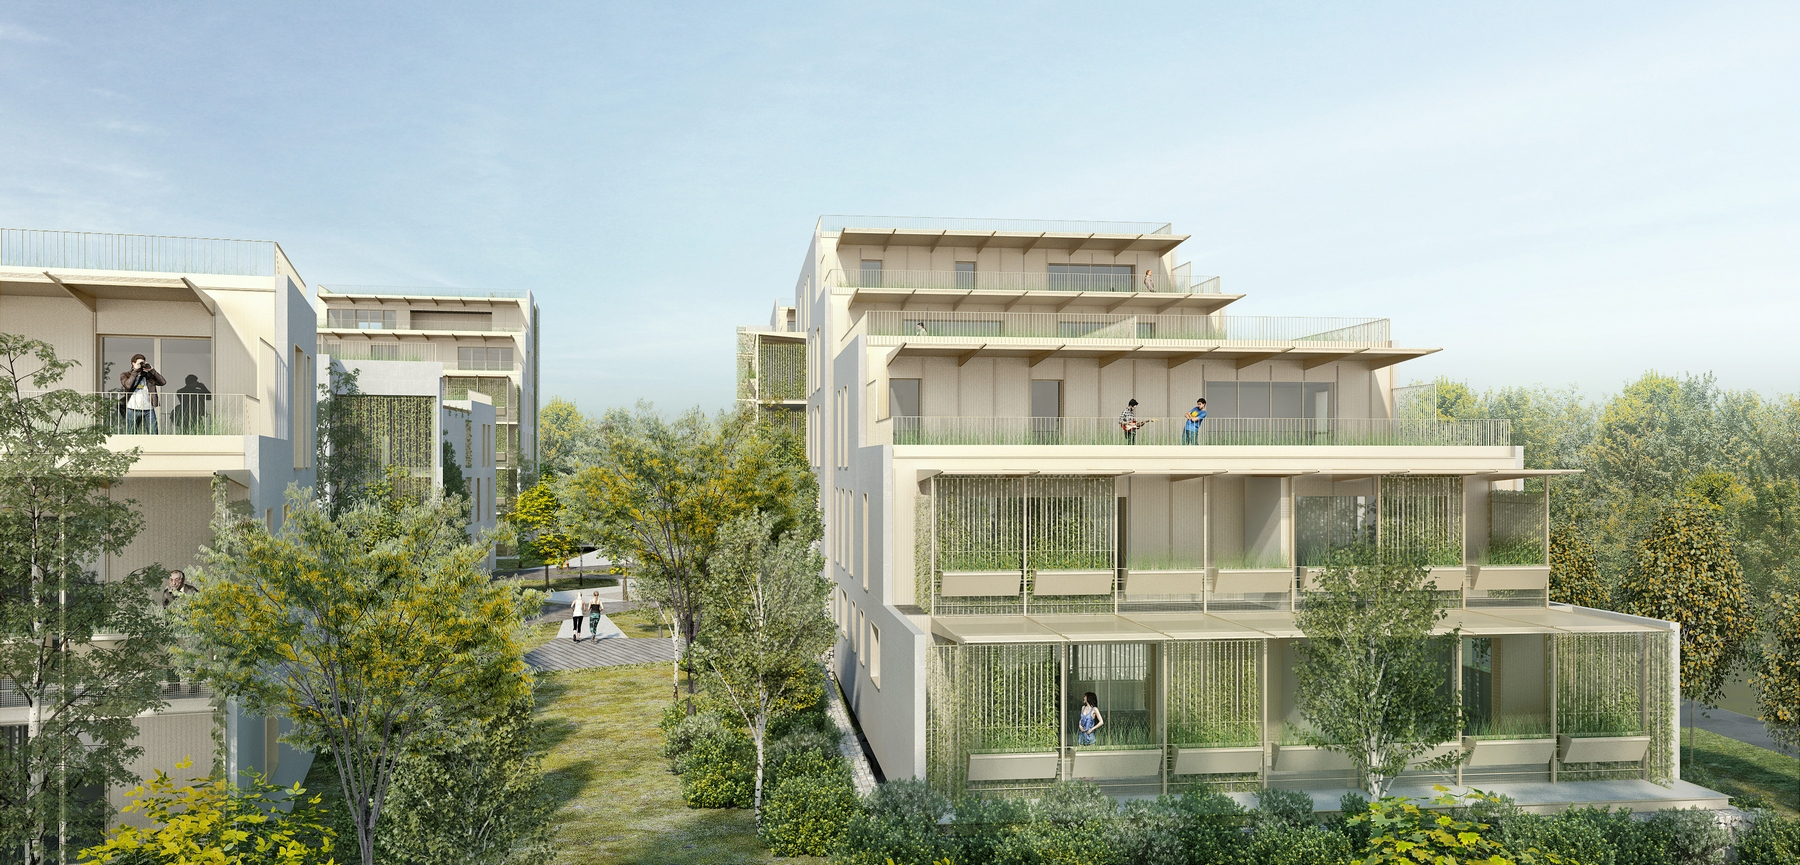 Vue sur le projet de logements de l'îlot des anciens ateliers départementaux (Arotcharen)